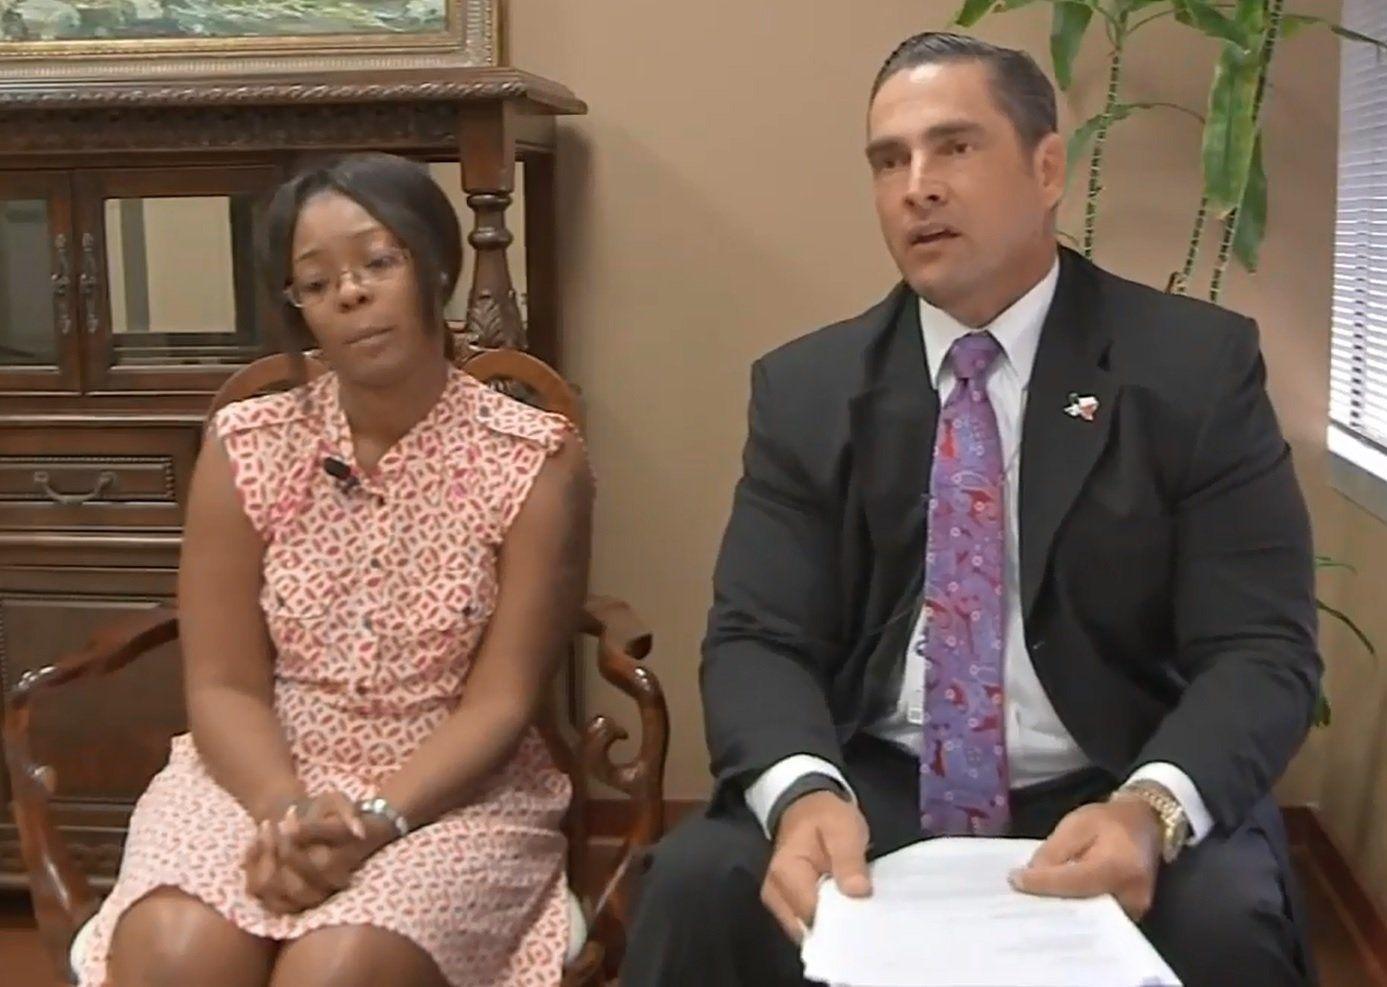 Bull reccomend Ebony prison strip searches